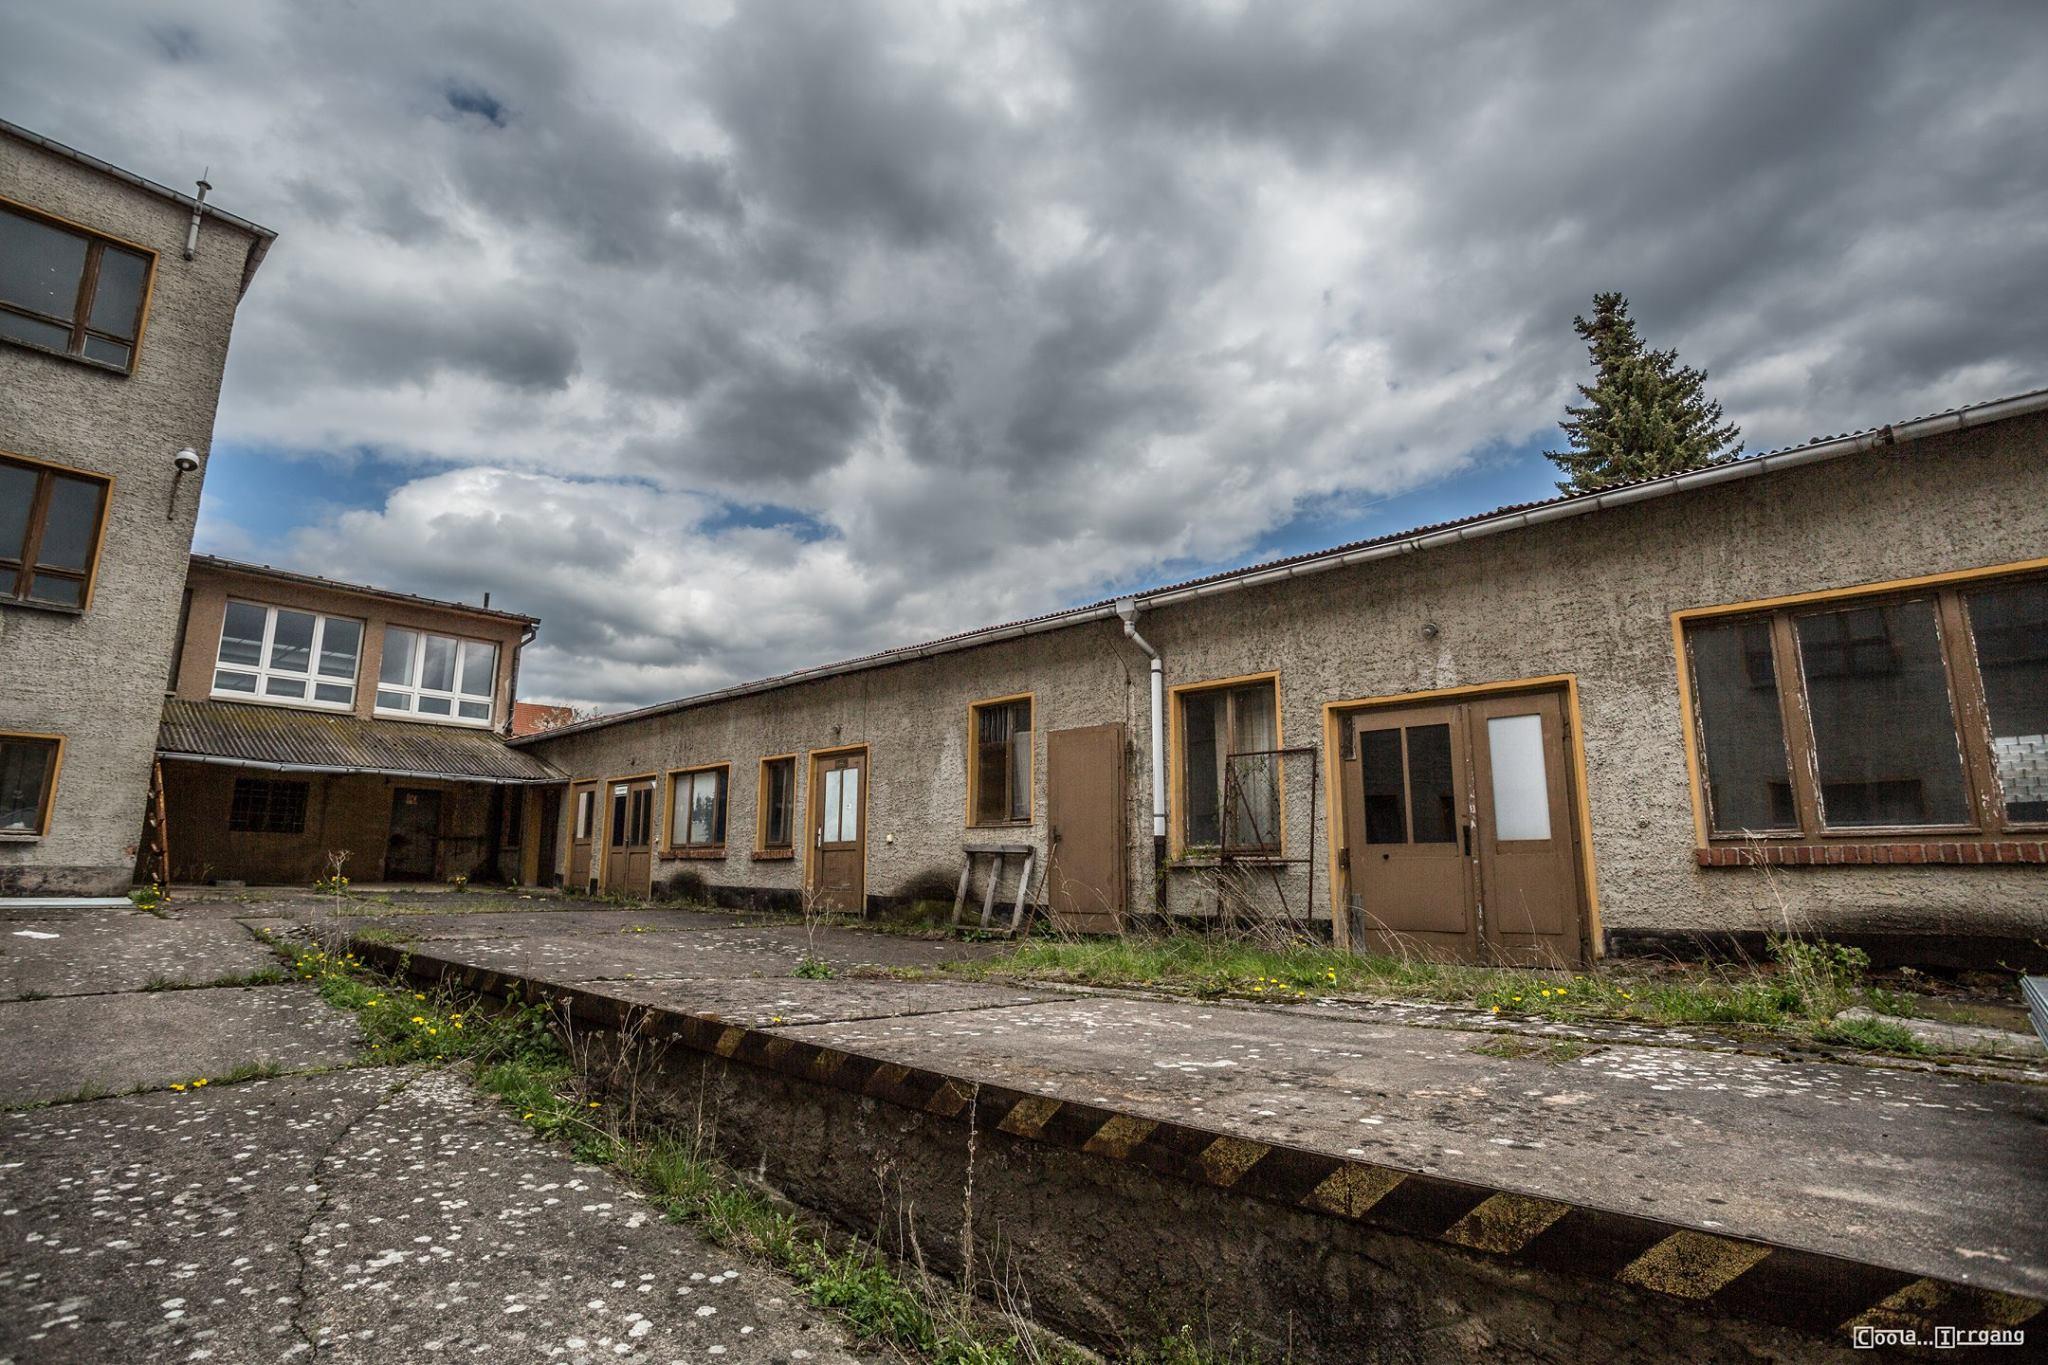 Strumpfwarenfabrik Diedorf15